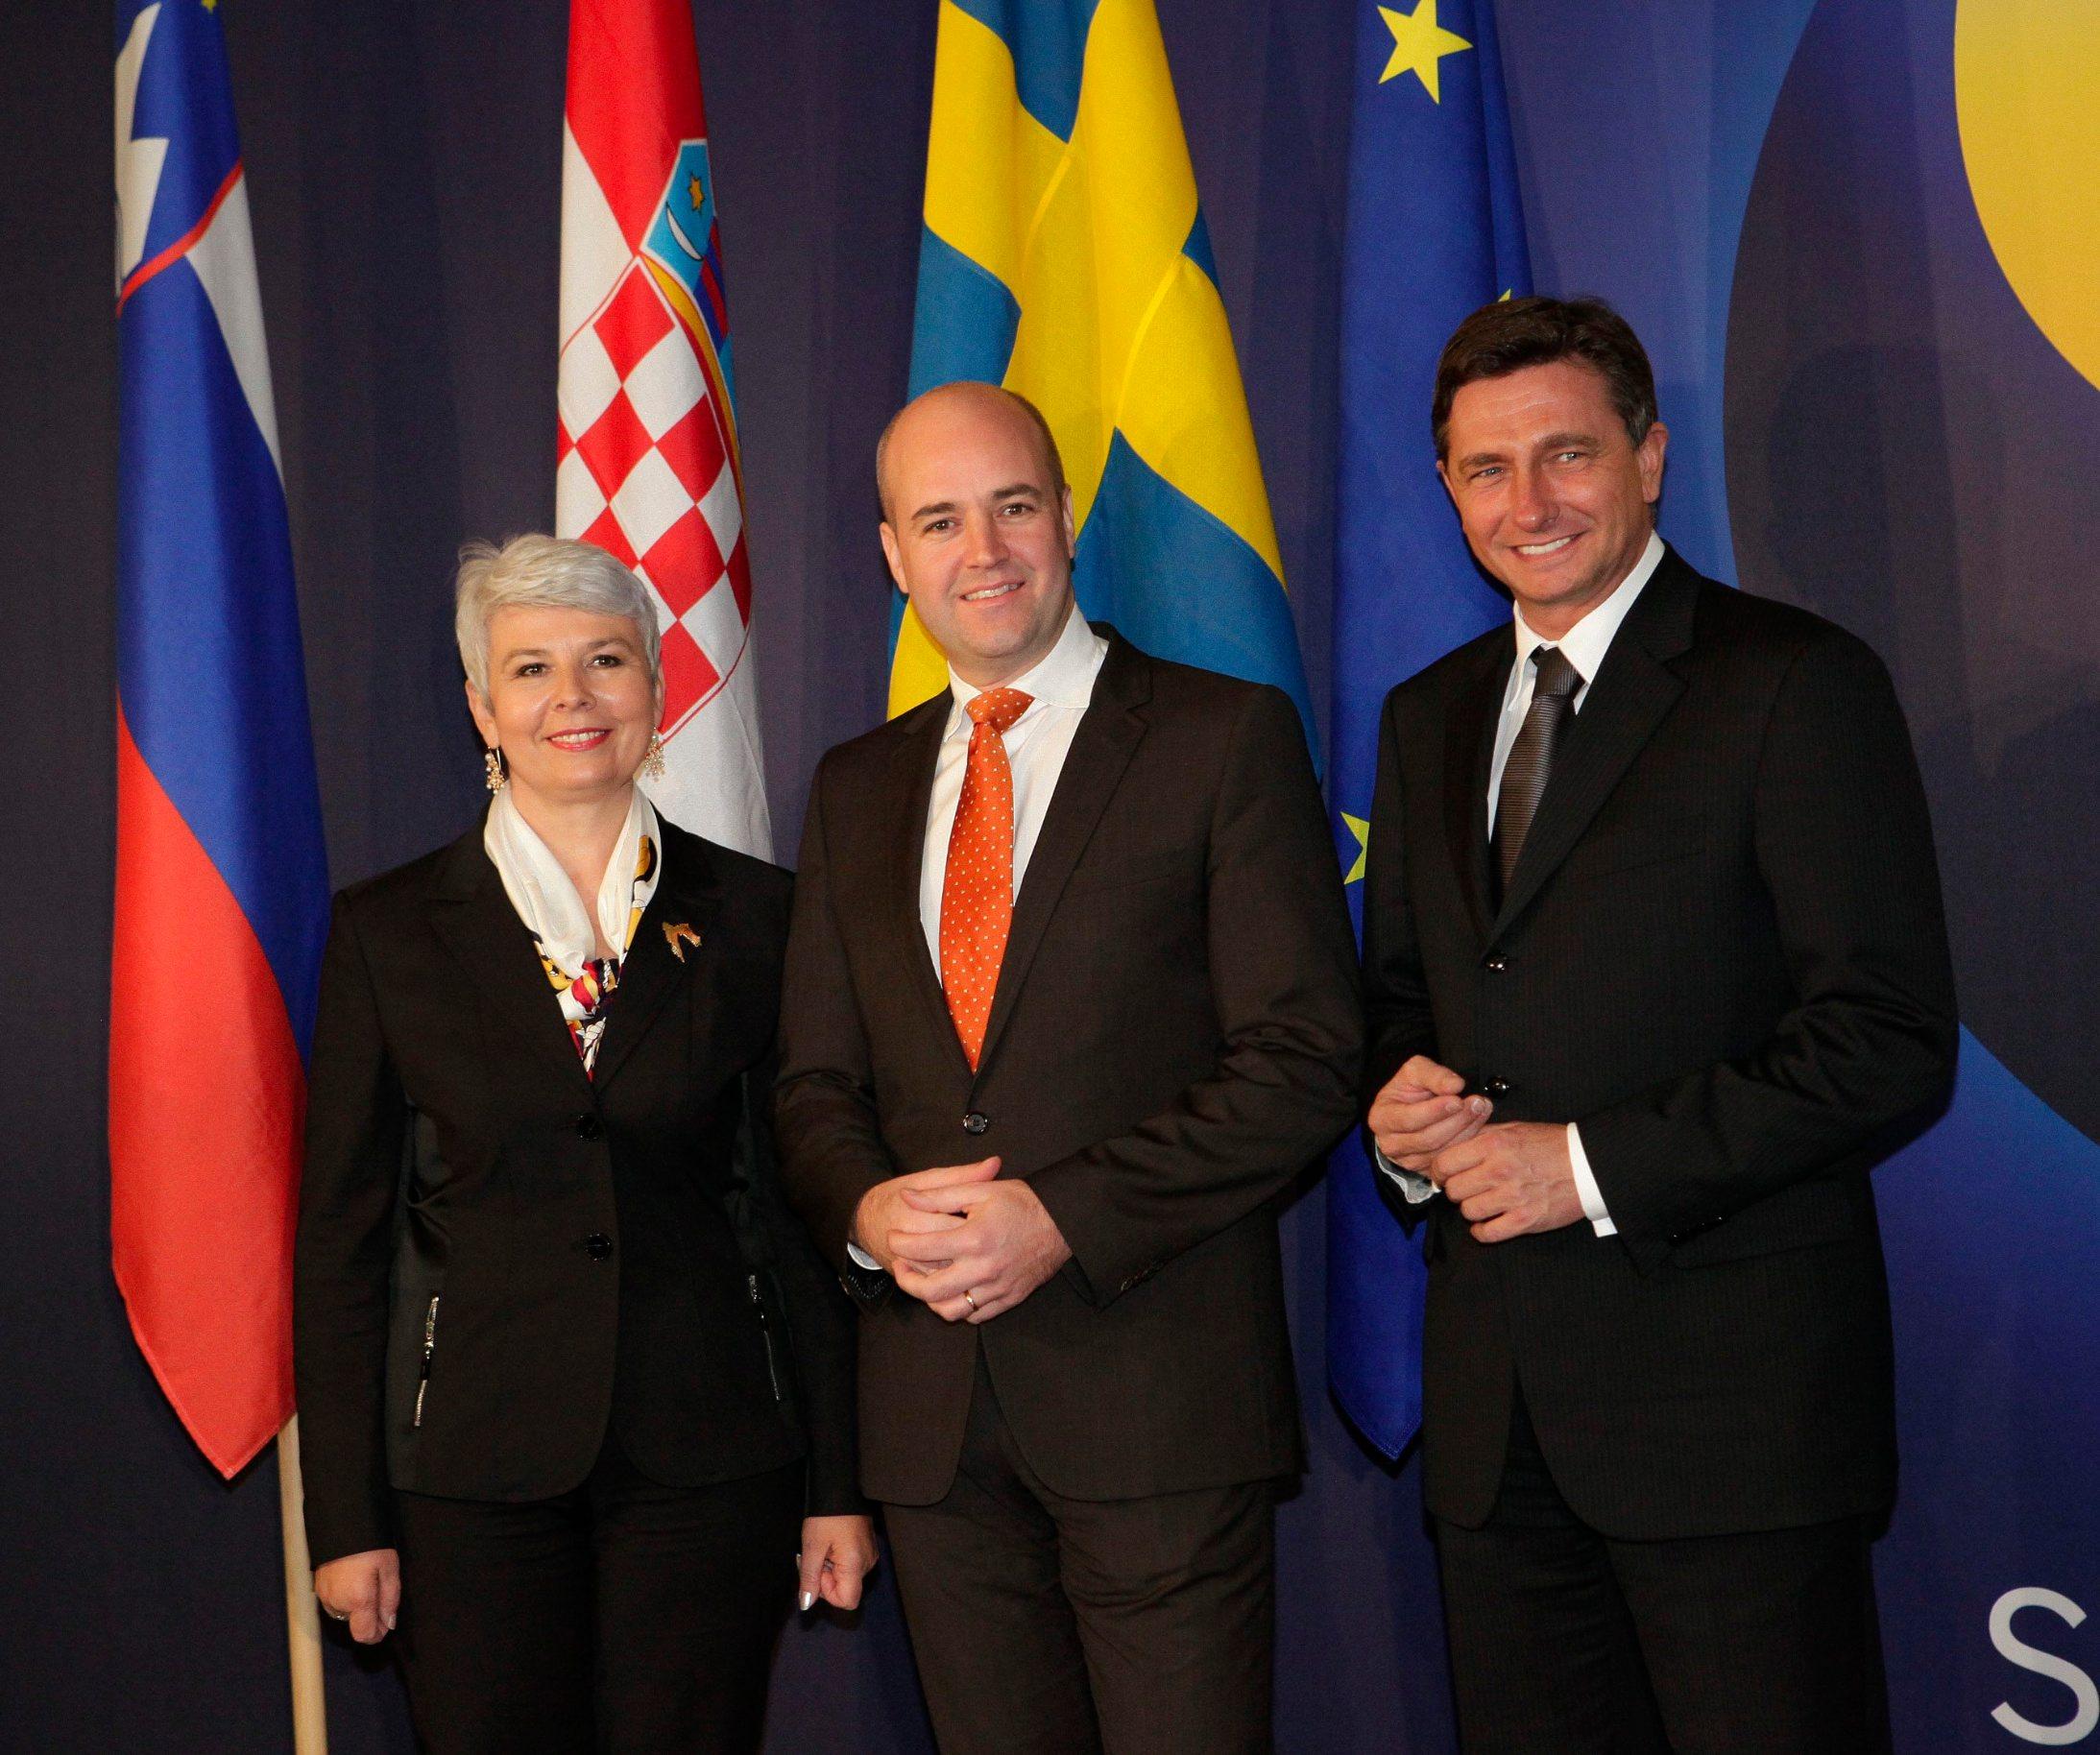 Potpisivanja arbitražnog sporazuma Hrvatske i Slovenije u Stockholmu u studenom 2009. godine. Hrvatska premijerka Jadranka Kosor,  švedski premijer Fredrik Reinfeldt i slovenski premijer Borut Pahor